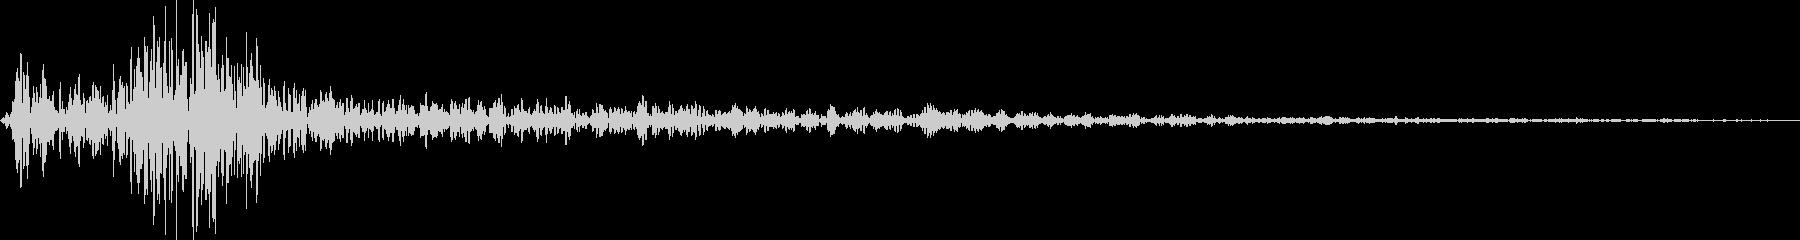 カジュアルなカーソル移動音「カン」の未再生の波形